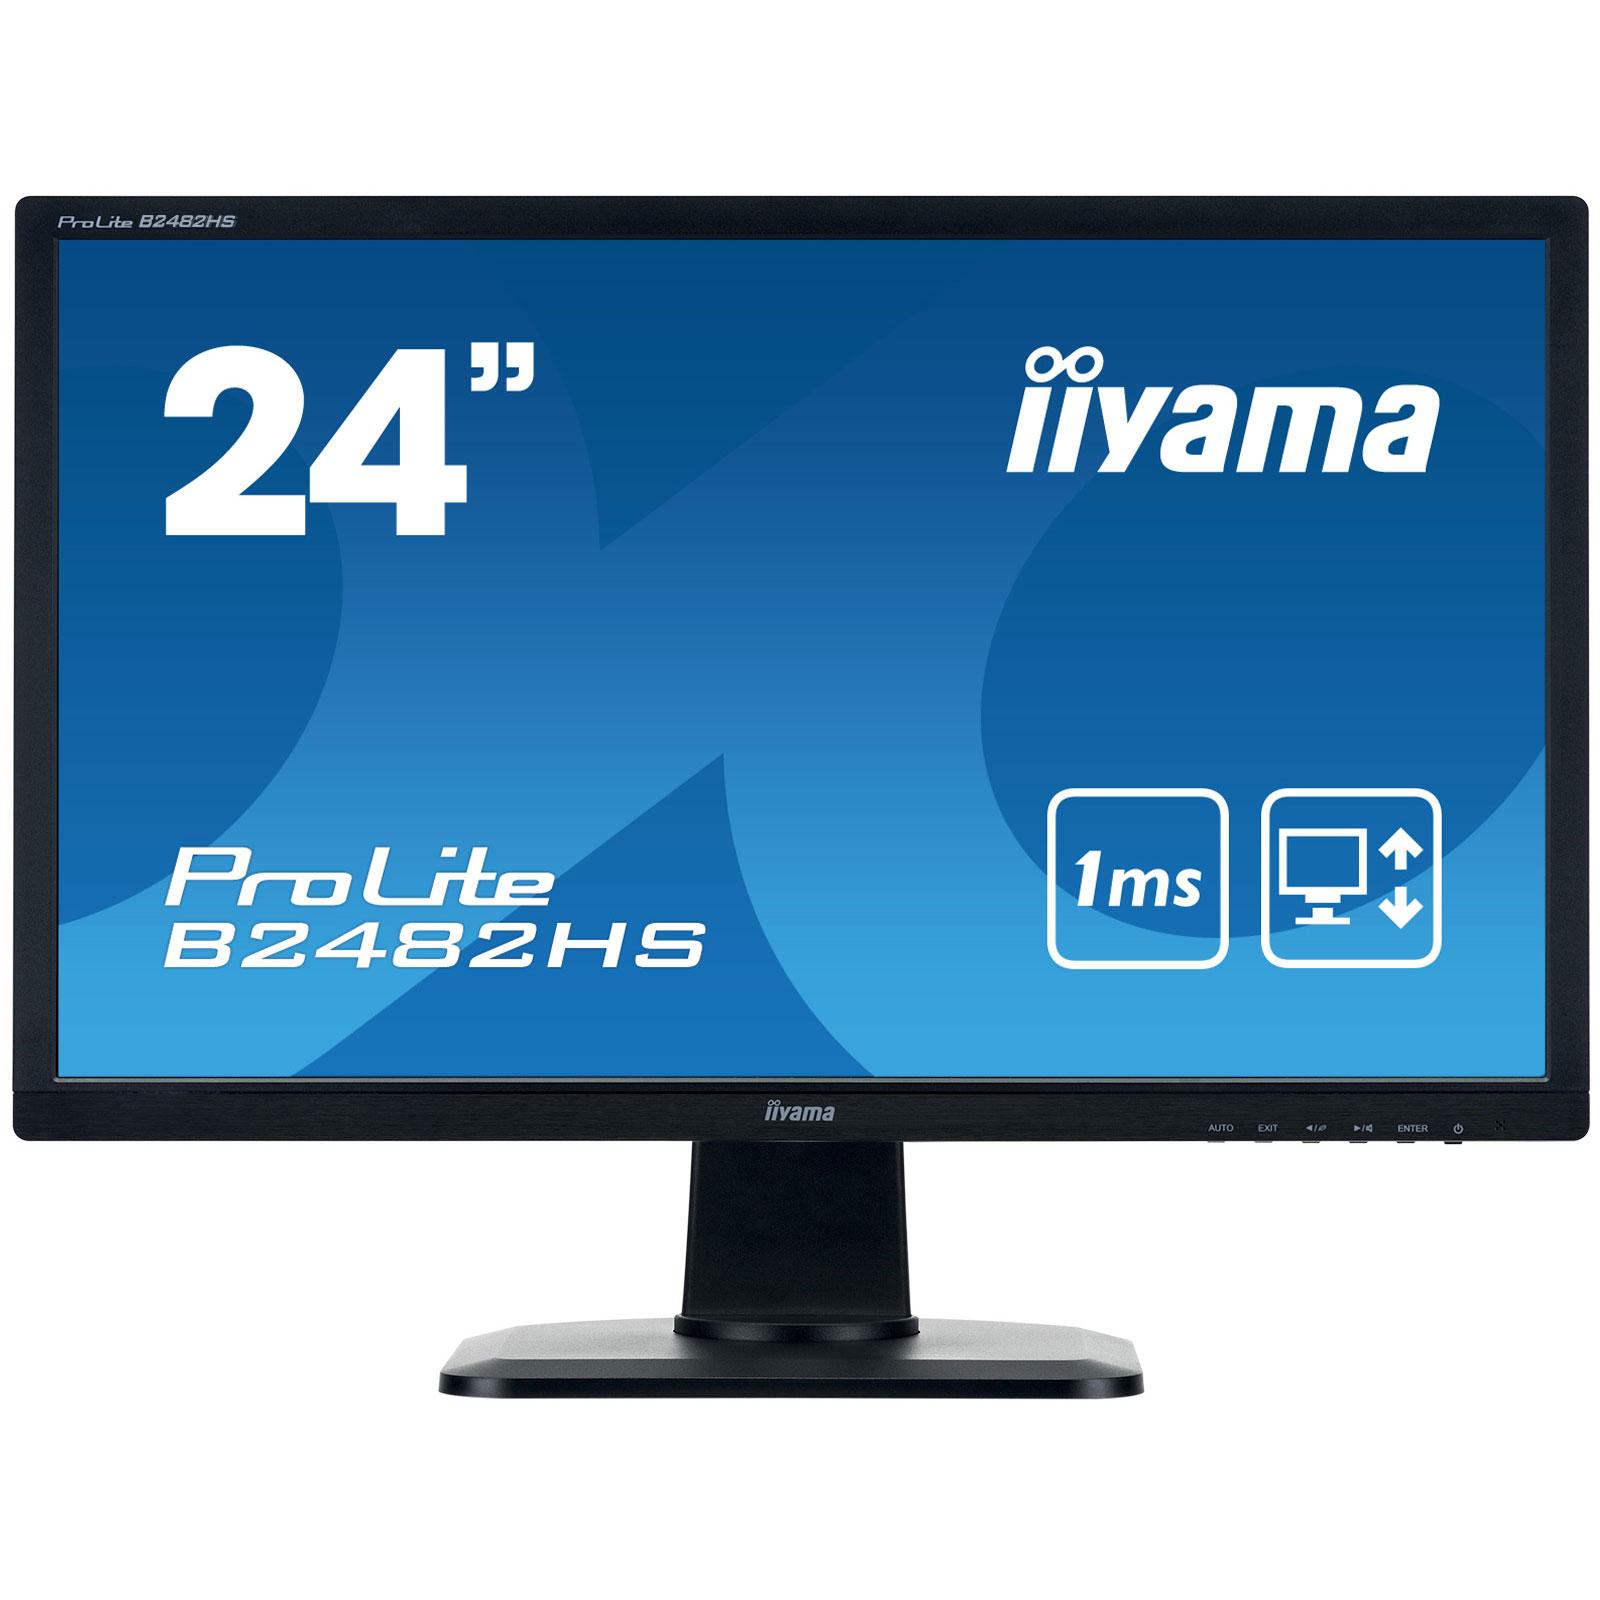 B2482HS-B1 (B2482HS-B1) - Achat / Vente Ecran PC sur Picata.fr - 3